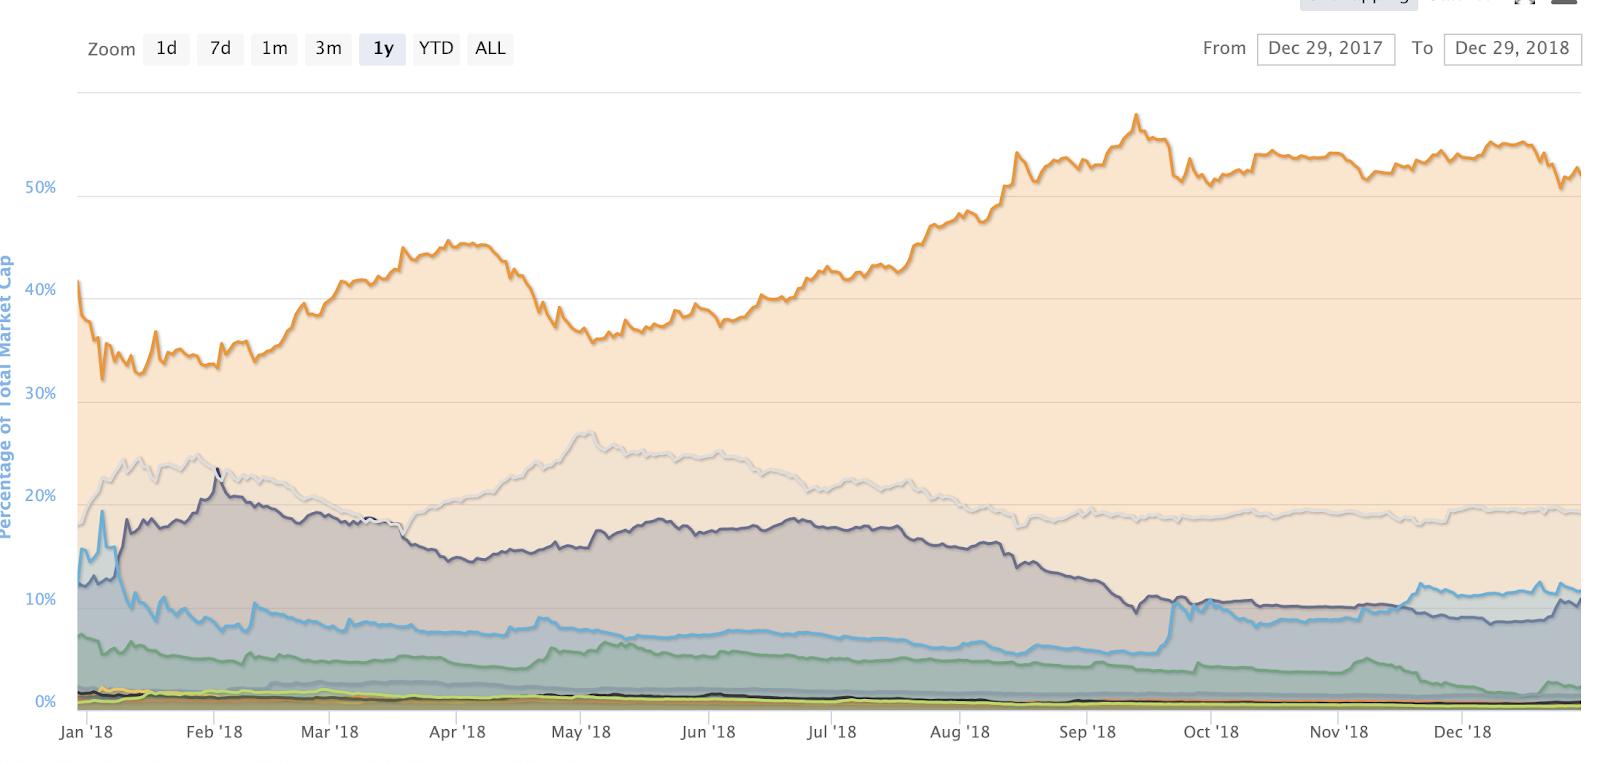 Взгляд фонда: как заработать на криптовалютах, если рынок падает?